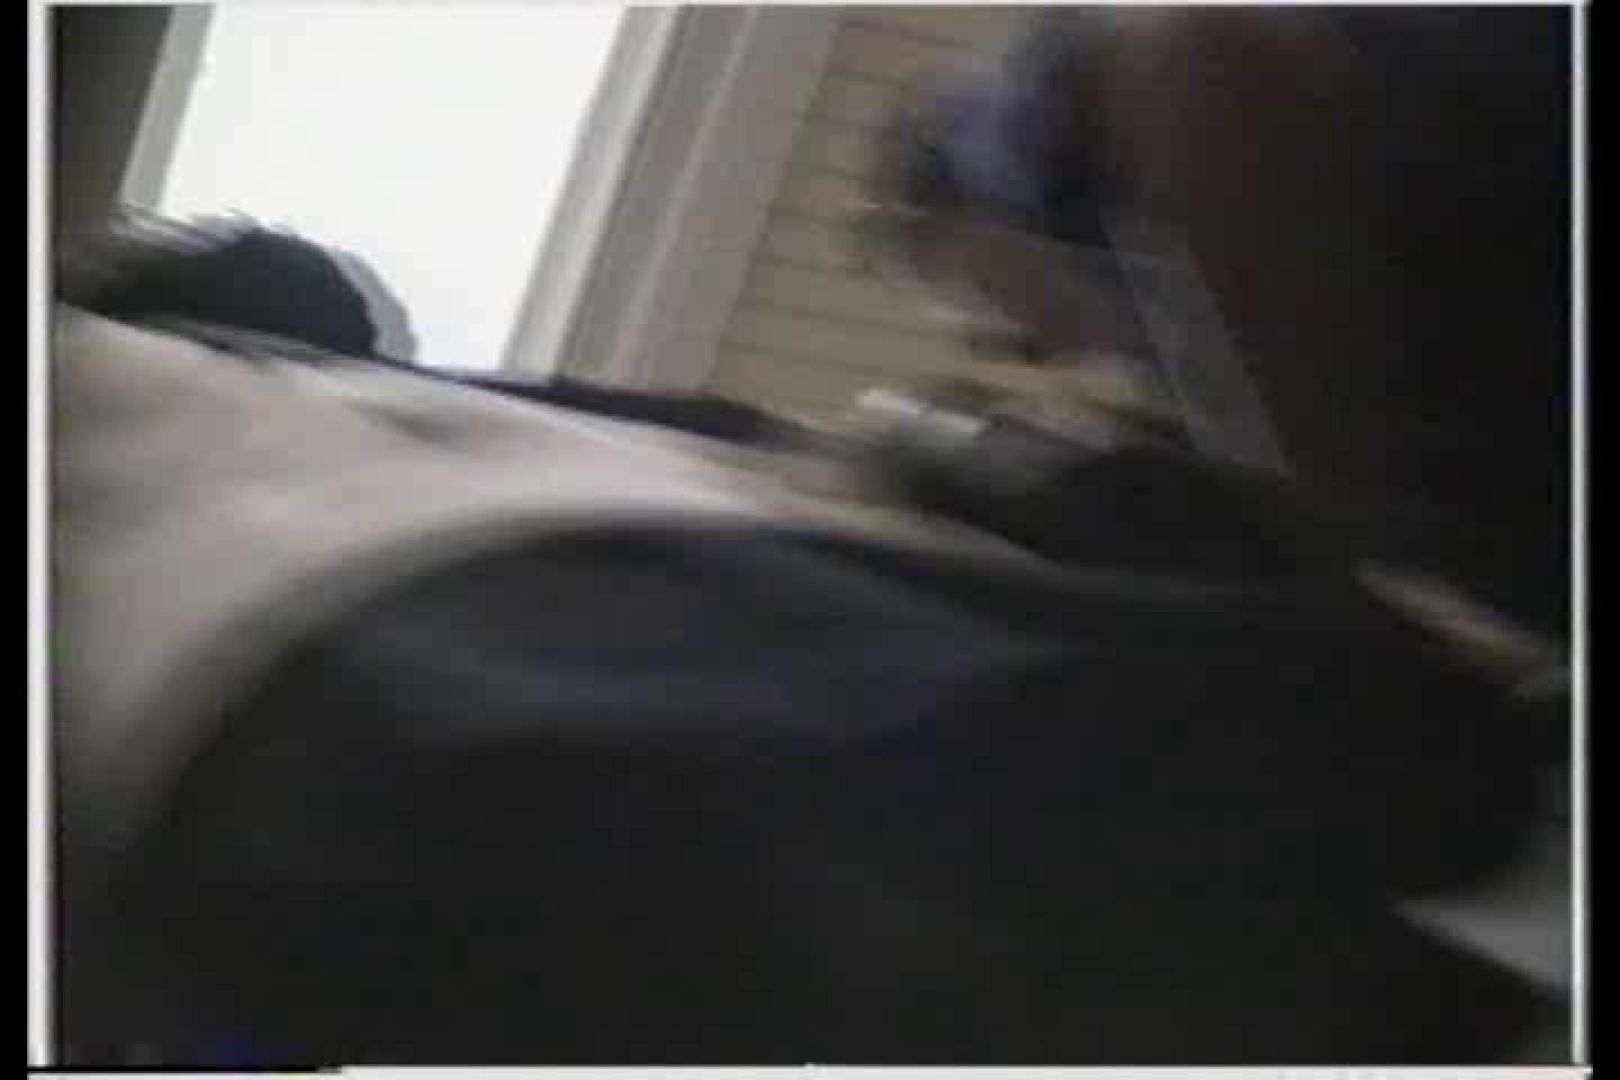 気になるあのコのパンツを盗撮 TK-061 ギャルヌード おめこ無修正画像 67画像 2